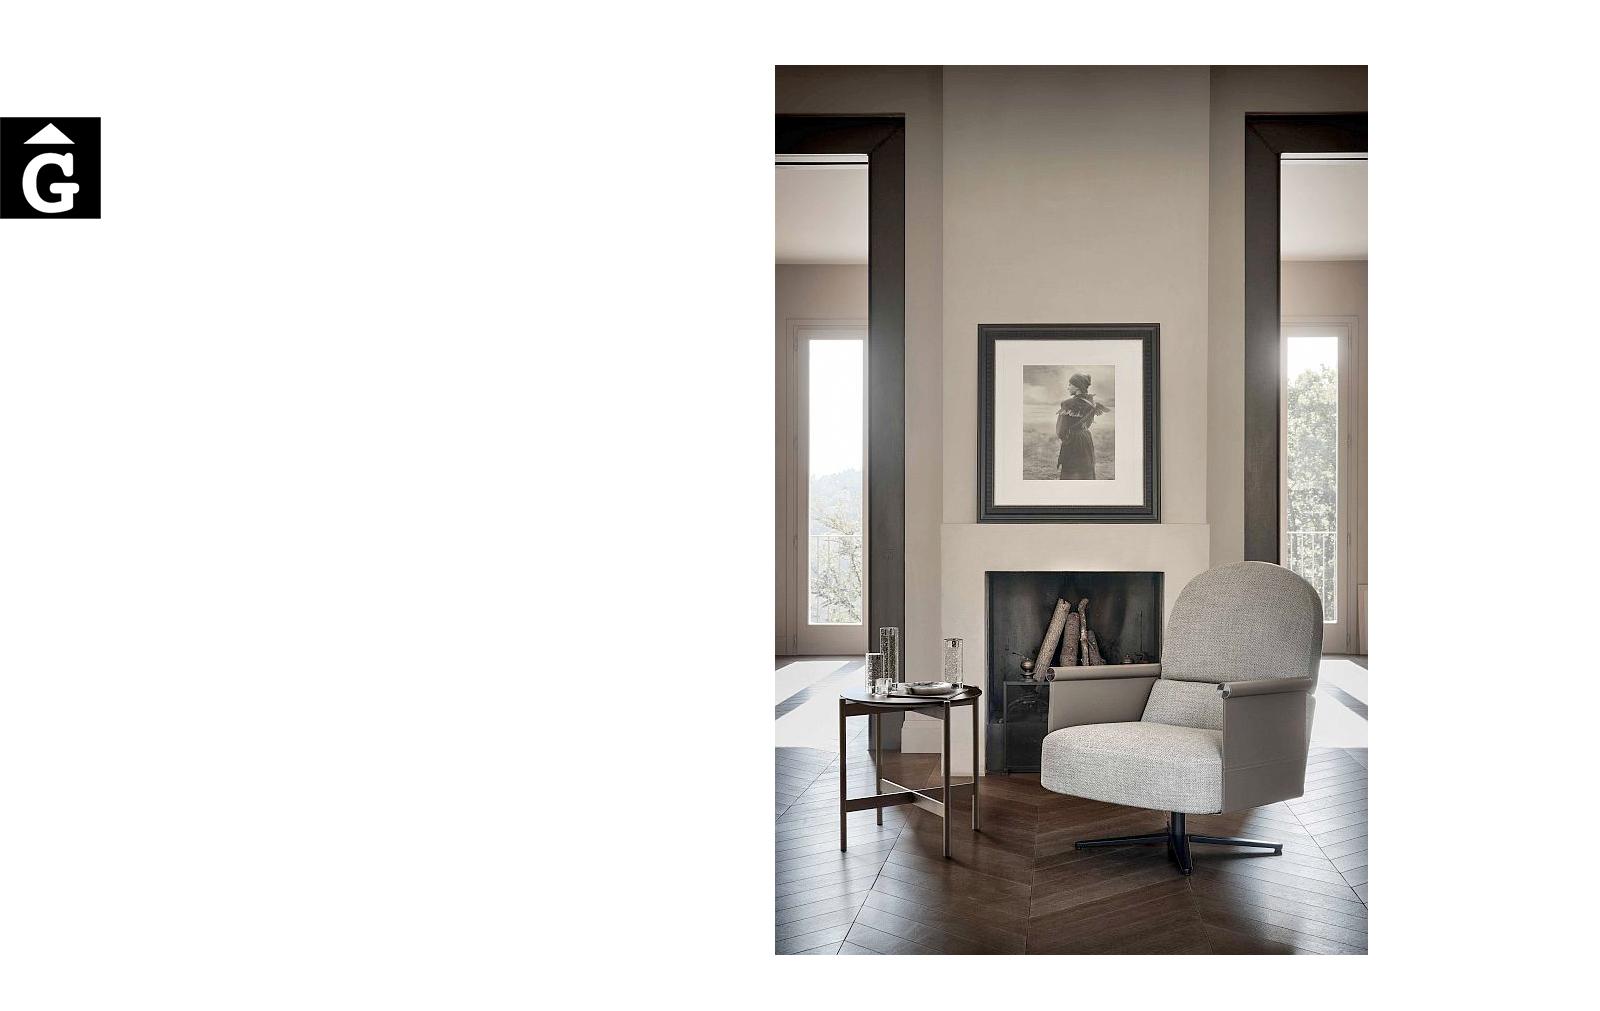 Butaca Beyl alta ambient sobri – Ditre Italia Sofas disseny i qualitat alta by mobles Gifreu